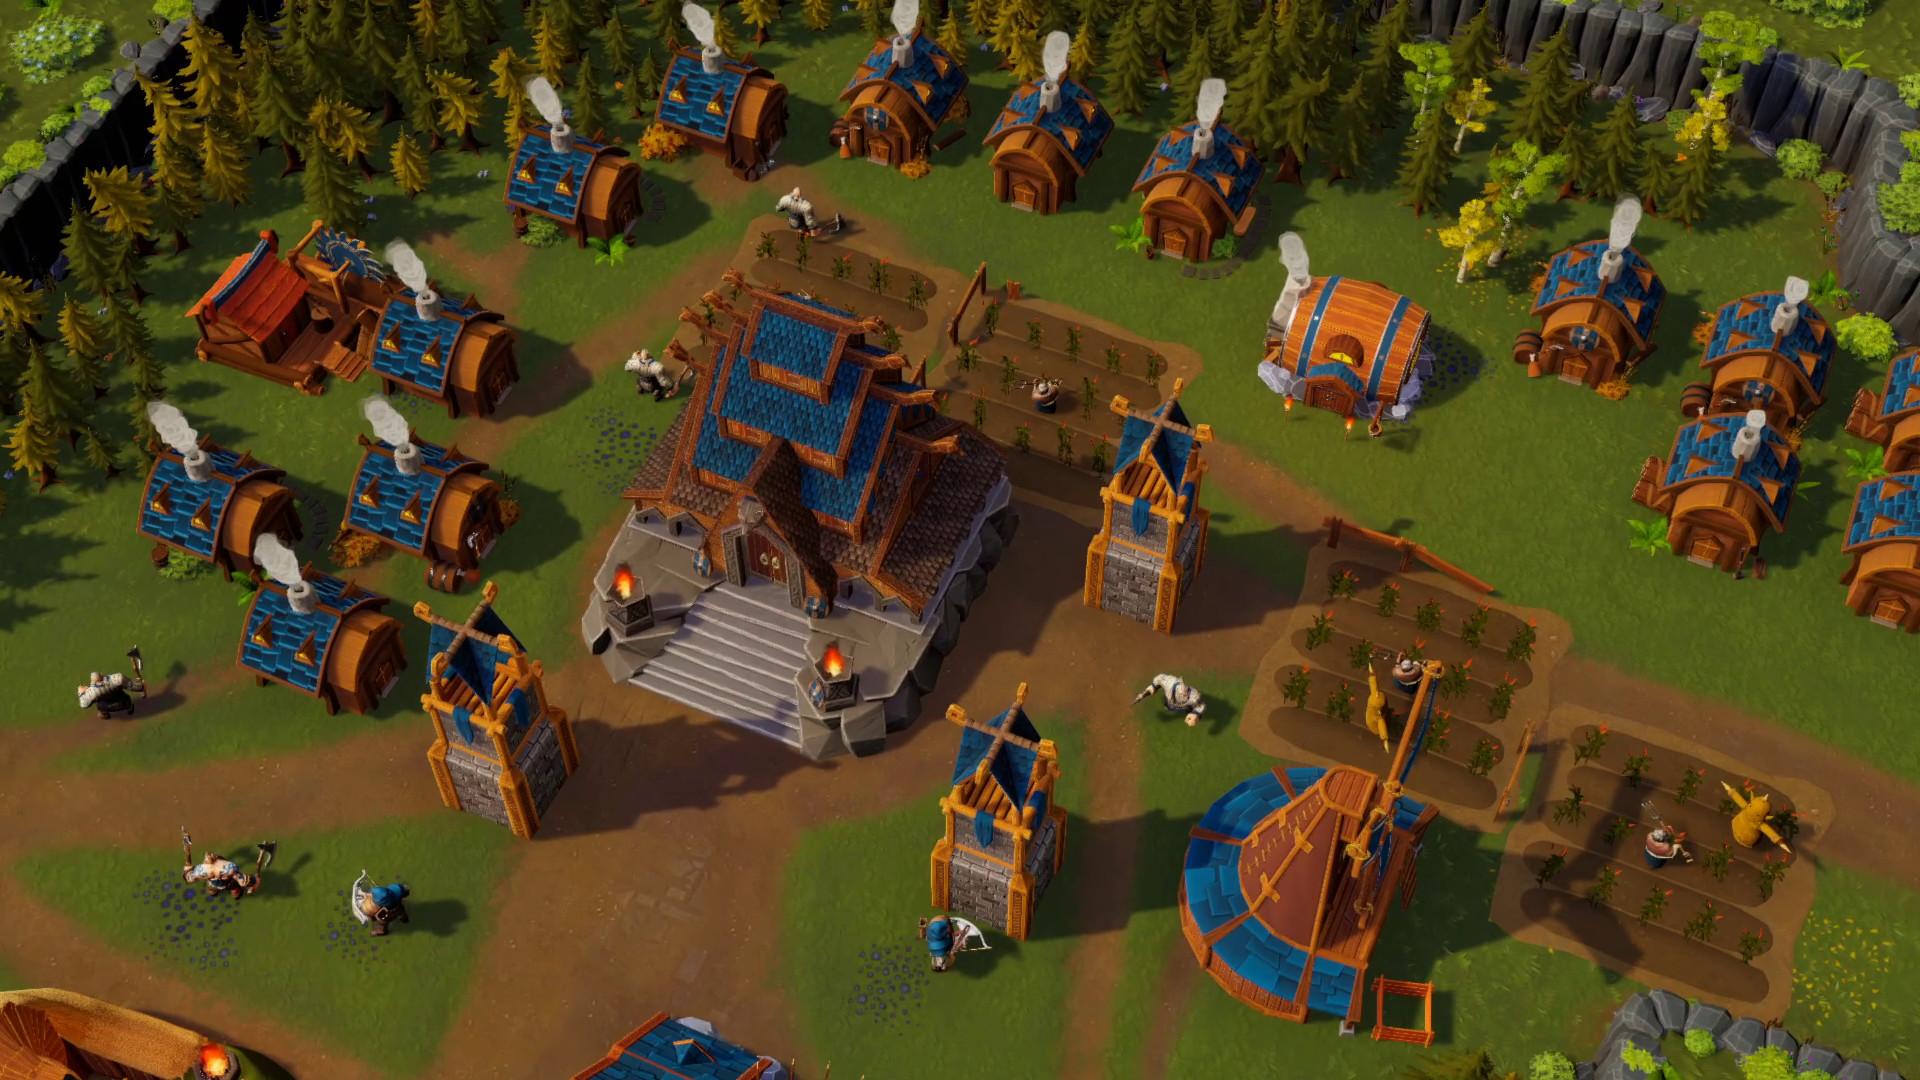 合作RTS《矮人海姆》玩家可邀请好友免费加入游